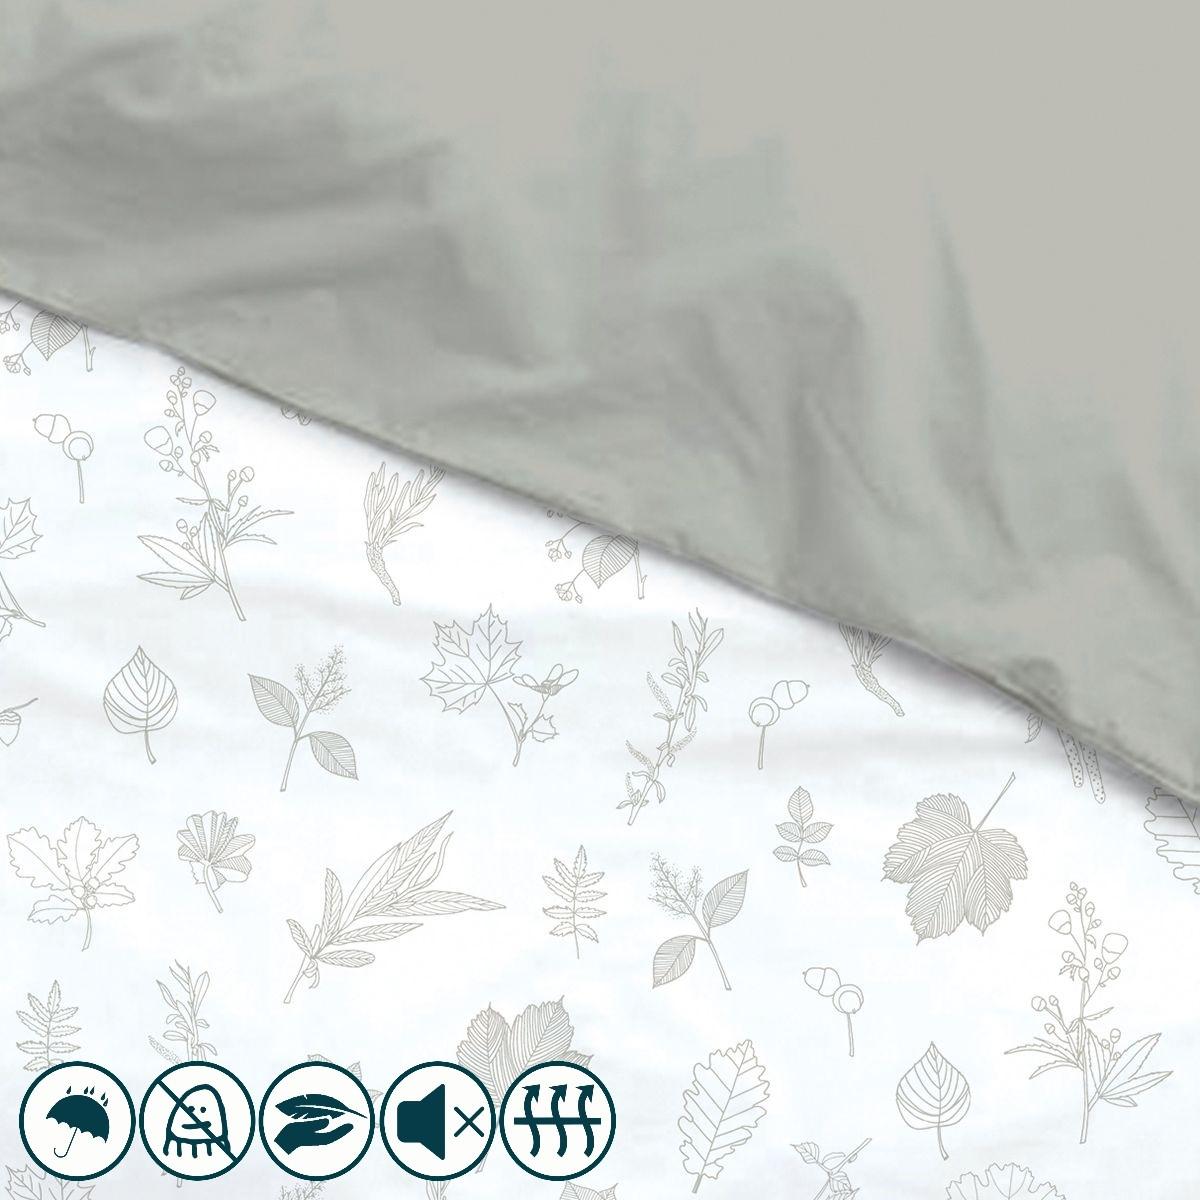 housse de couette enfant anti acariens imprim feuilles louis lesec. Black Bedroom Furniture Sets. Home Design Ideas